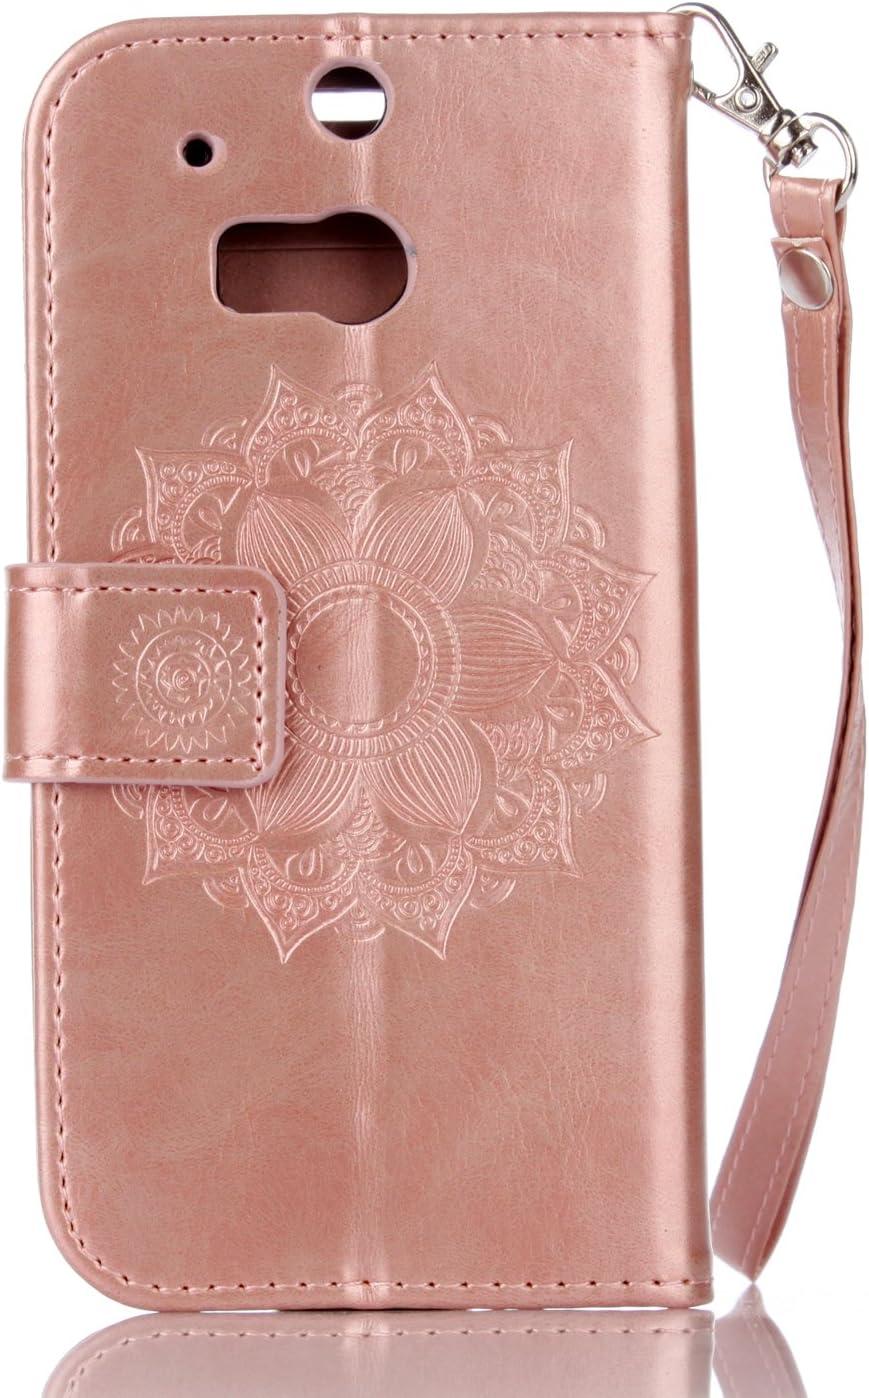 Pink Huphant Compatible for Handyh/ülle HTC One M8 H/ülle Leder Glitzer Handytasche Strass Krone Brieftasche Klapph/ülle Kartenf/ächer Flip Case for HTC One M8 SchutzH/ülle